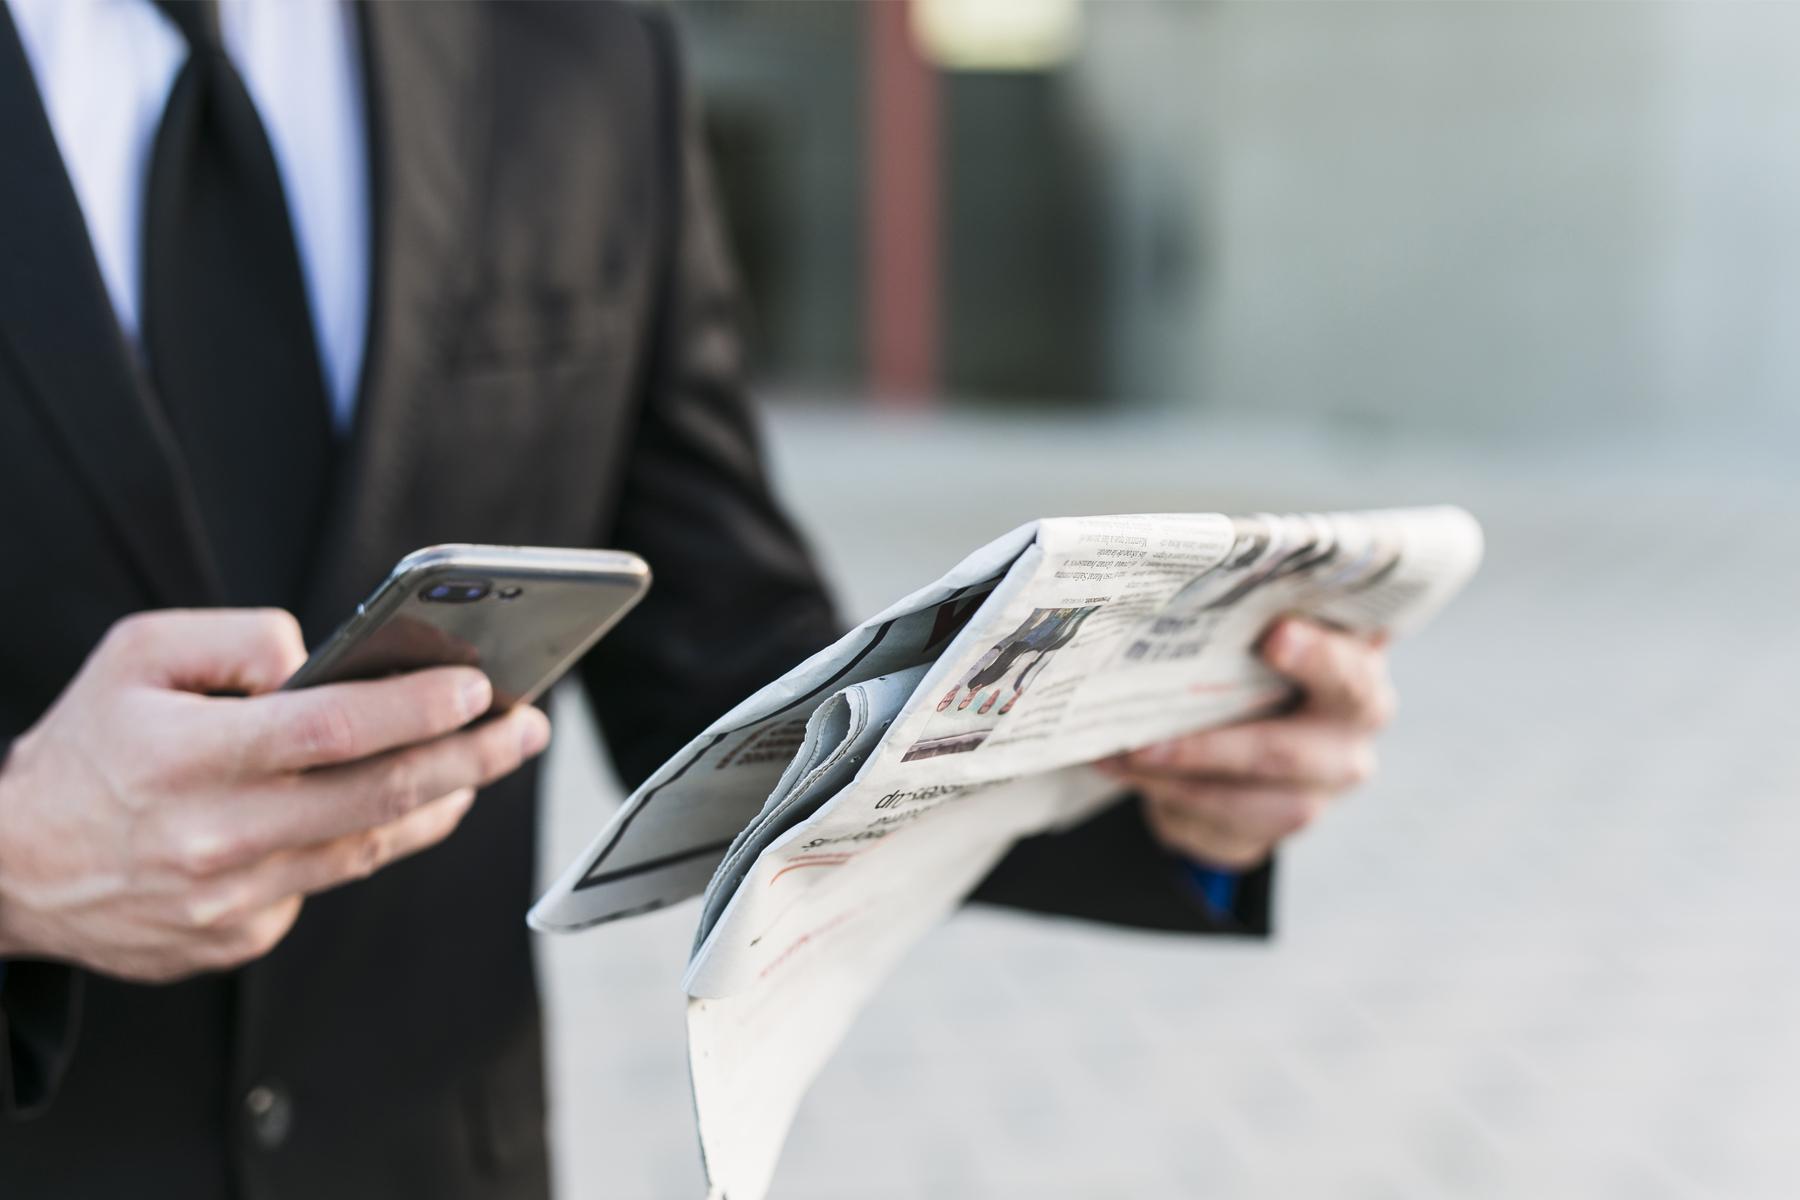 Homem segurando o jornal em papel e o celular